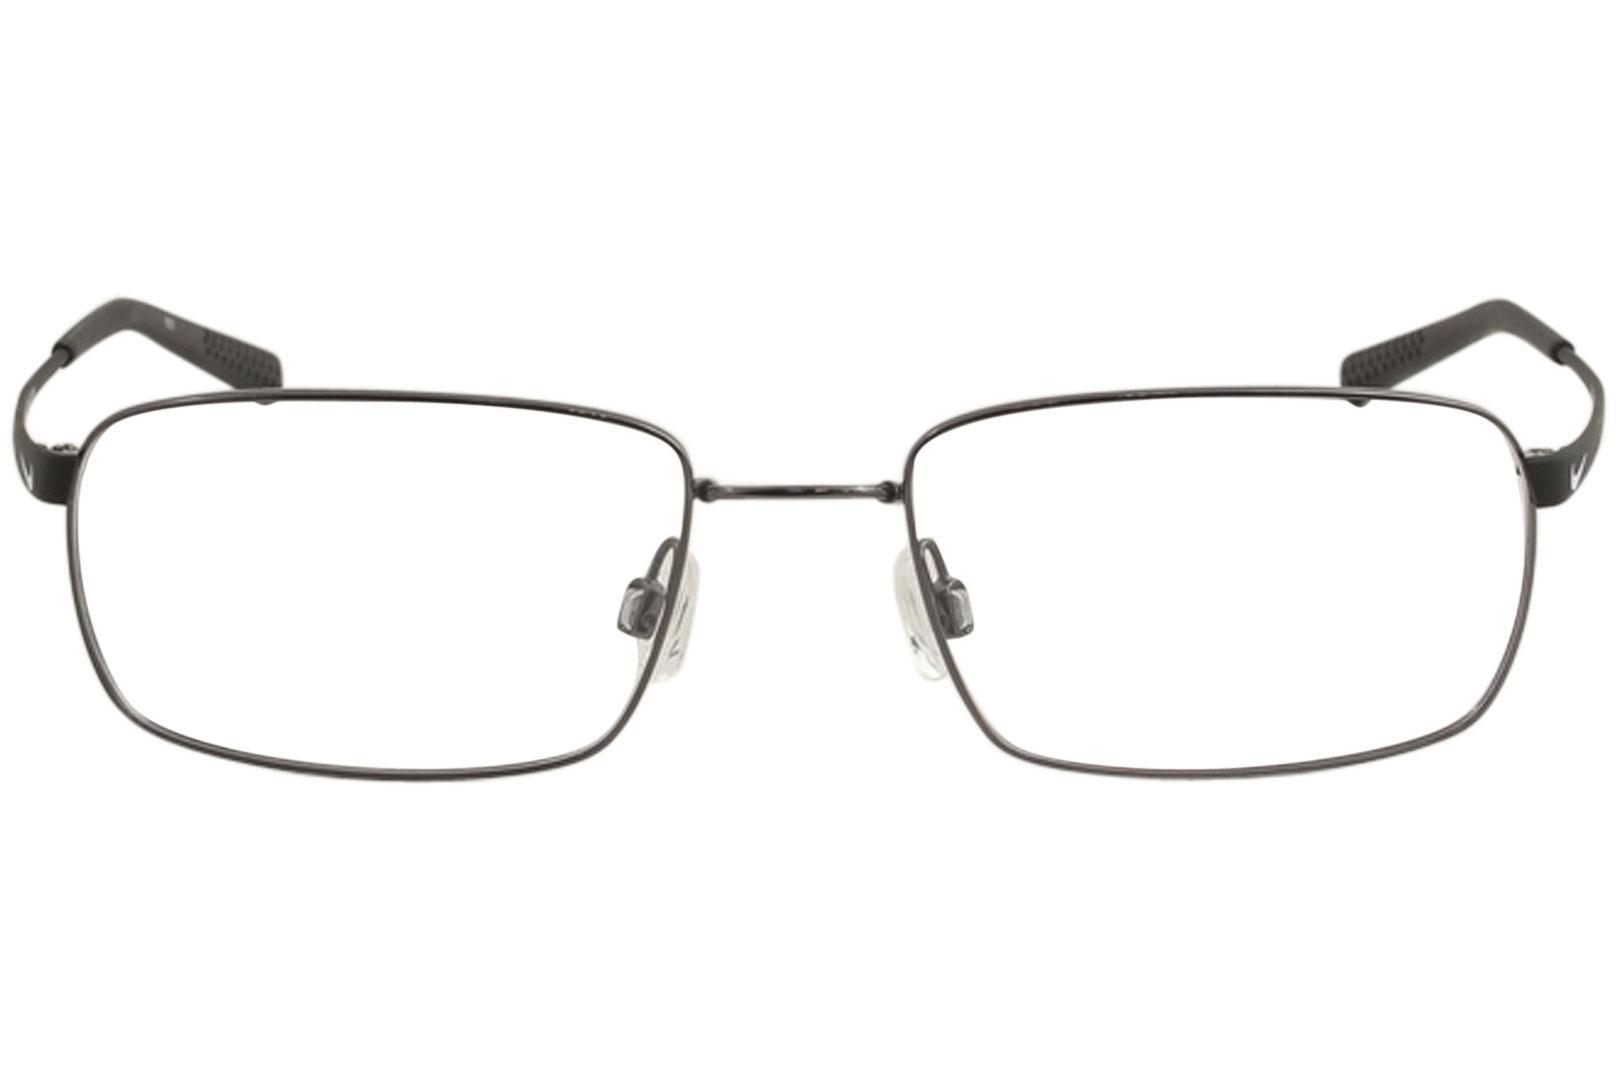 db6d1f1add Nike Men s Eyeglasses 4194 Full Rim Flexon Optical Frame by Nike. 12345